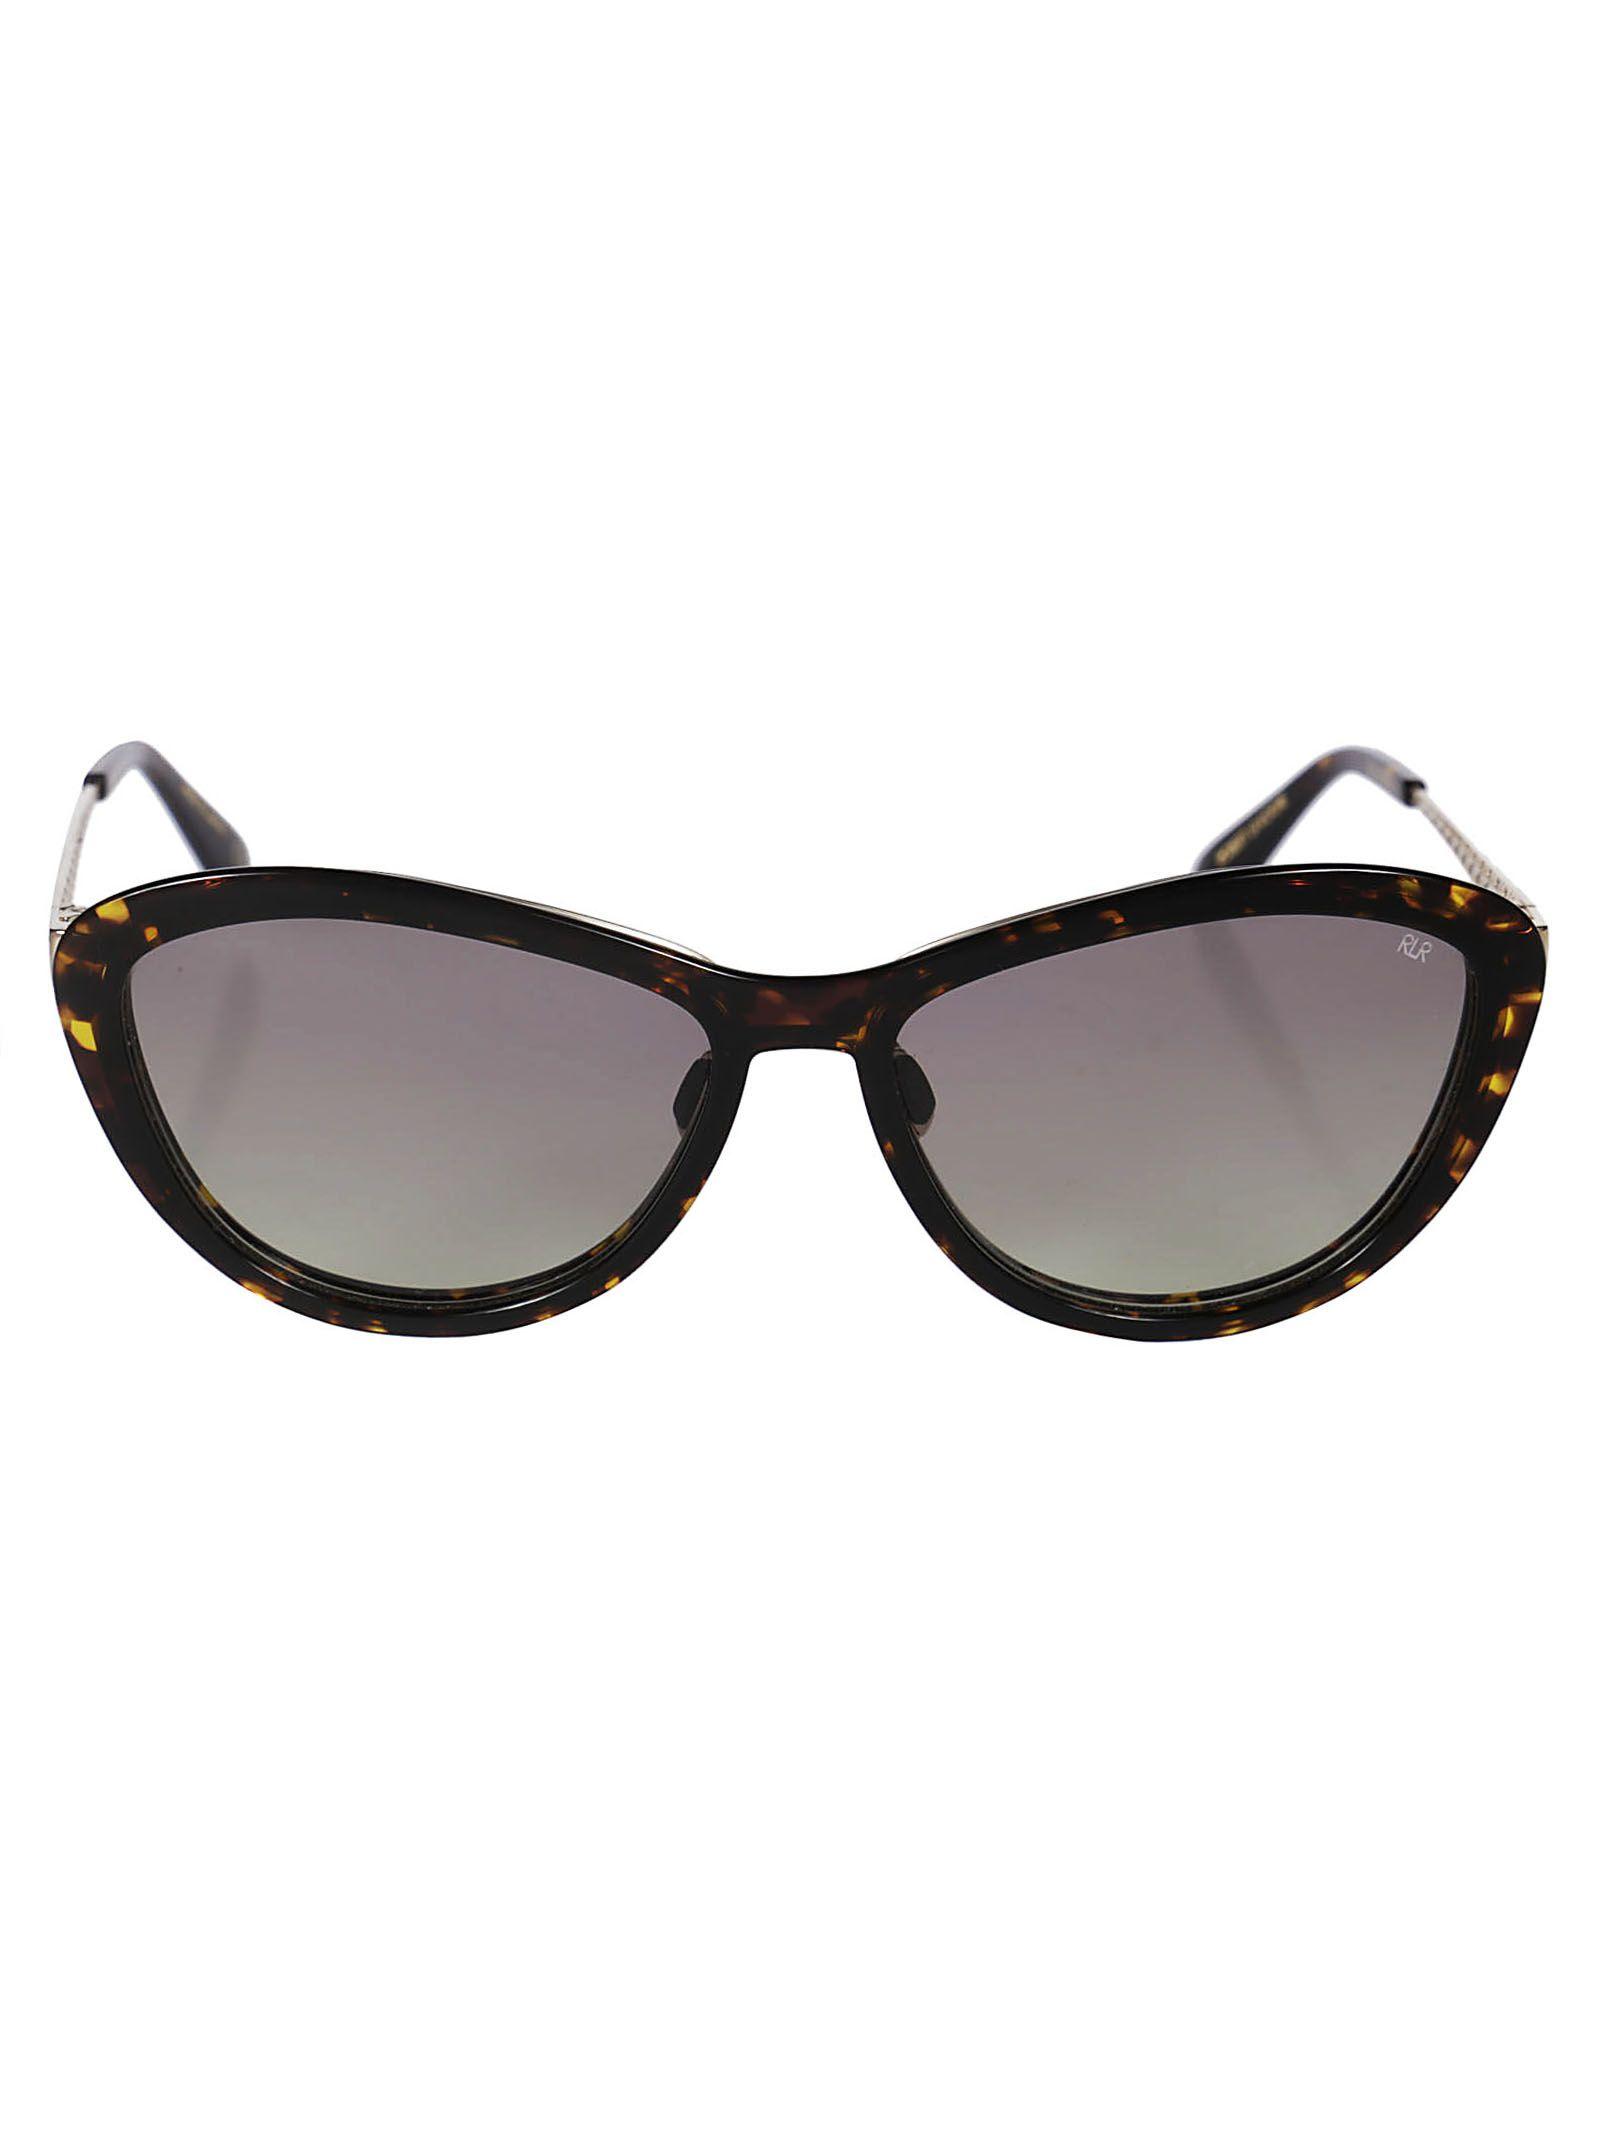 ROBERT LA ROCHE Robert Laroche Vintage Sunglasses in Tort/Black